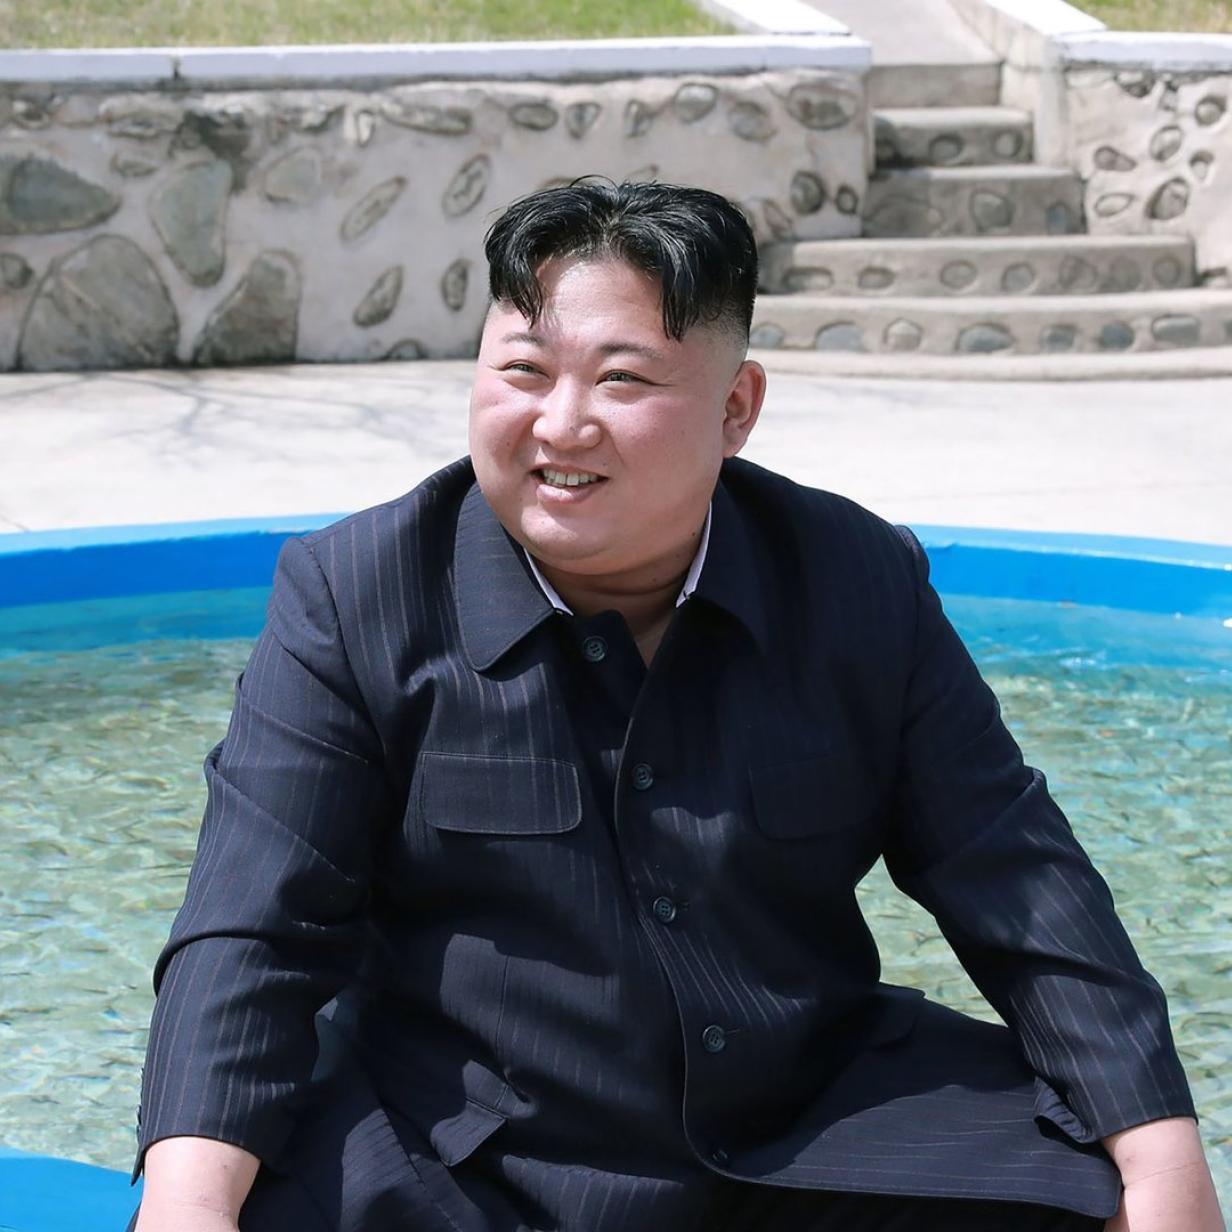 Kim Jong-un: Was steckt hinter dem Syndrom, an dem er leiden soll?